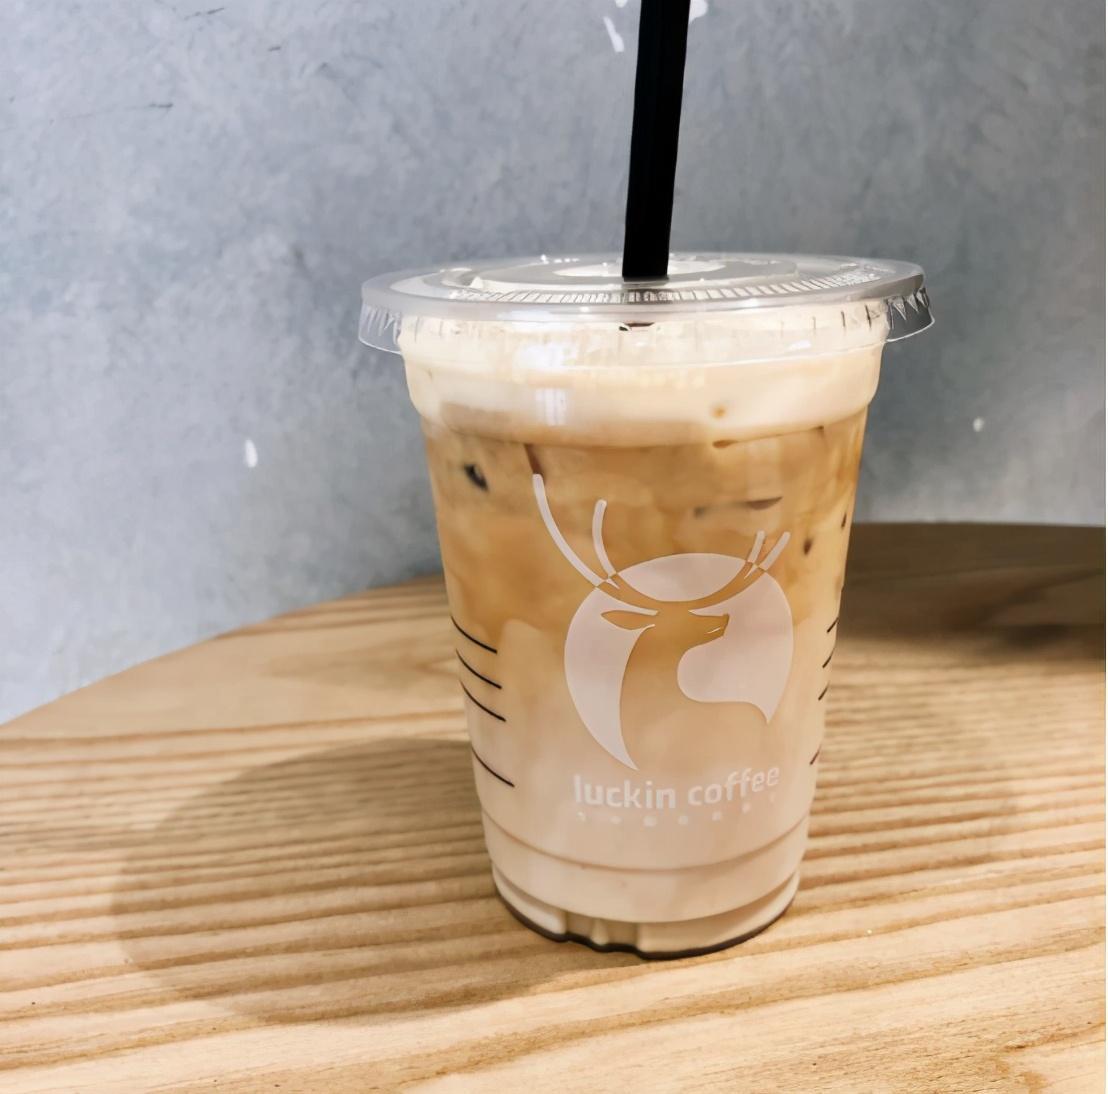 咖啡加厚乳,逛吃更有劲!长假旅游怎么能少瑞幸厚乳拿铁